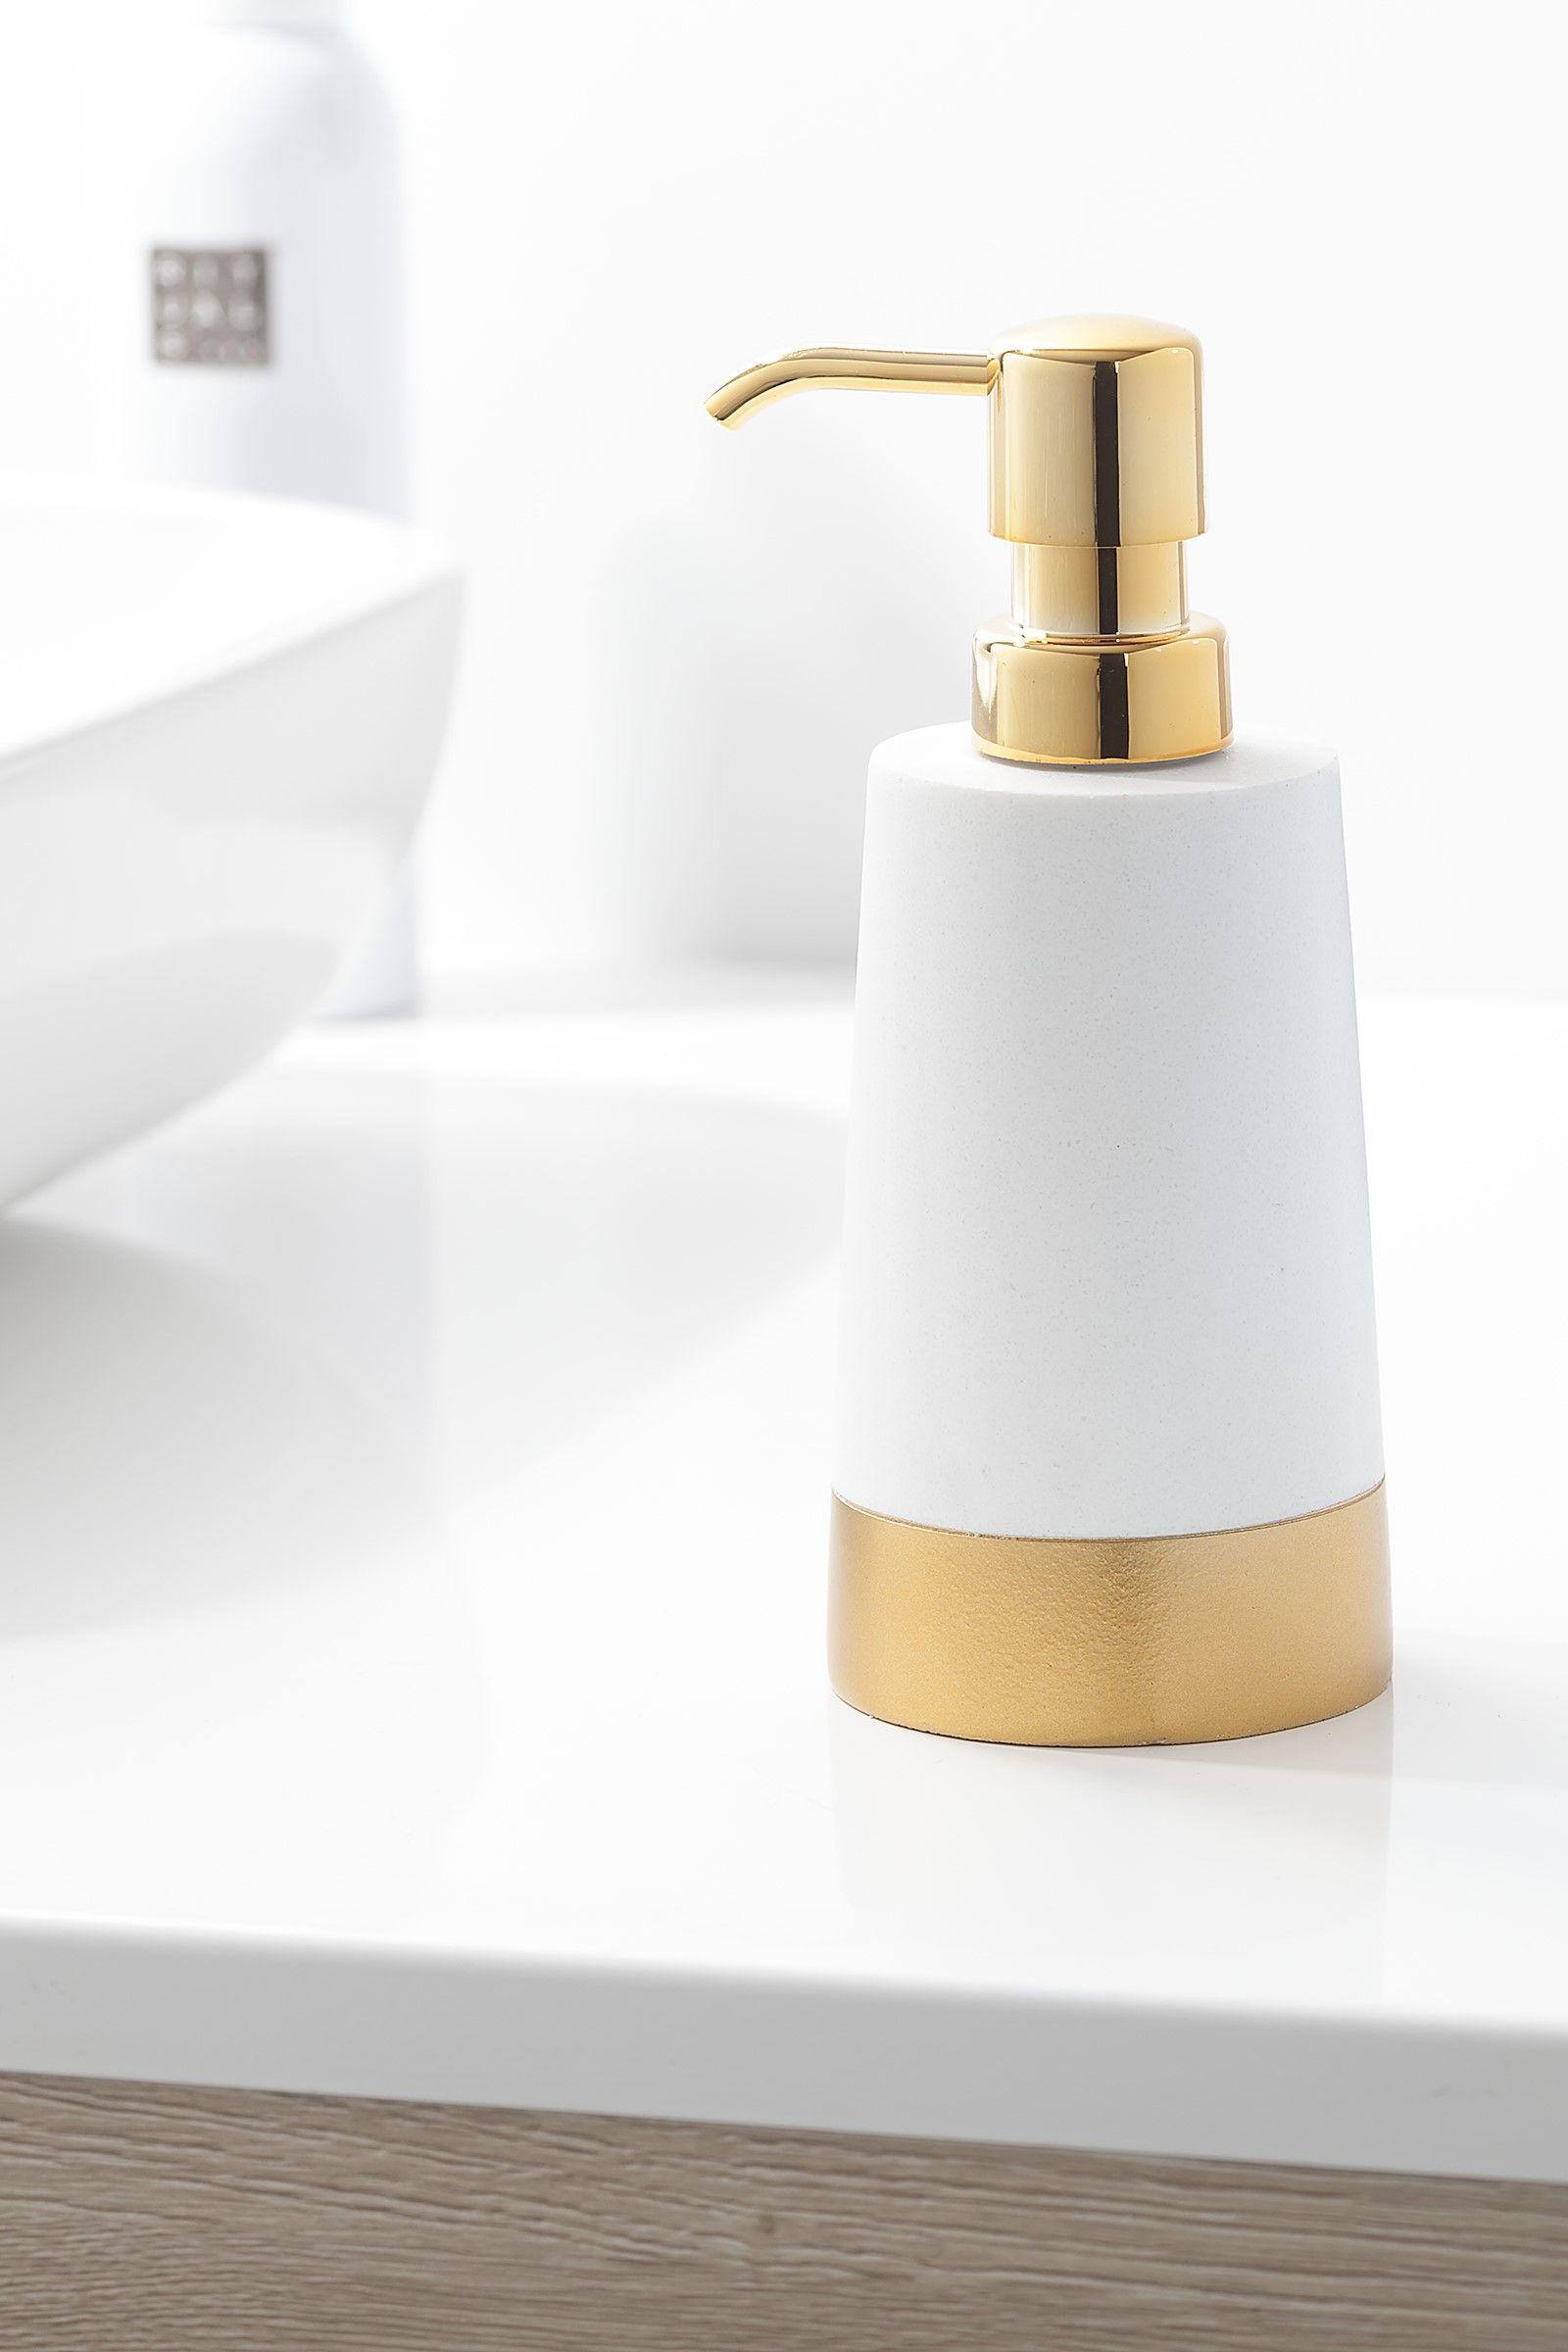 Mit Diesem Seifenspender Bringen Sie Mehr Glanz In Ihr Bad. Modernes Und